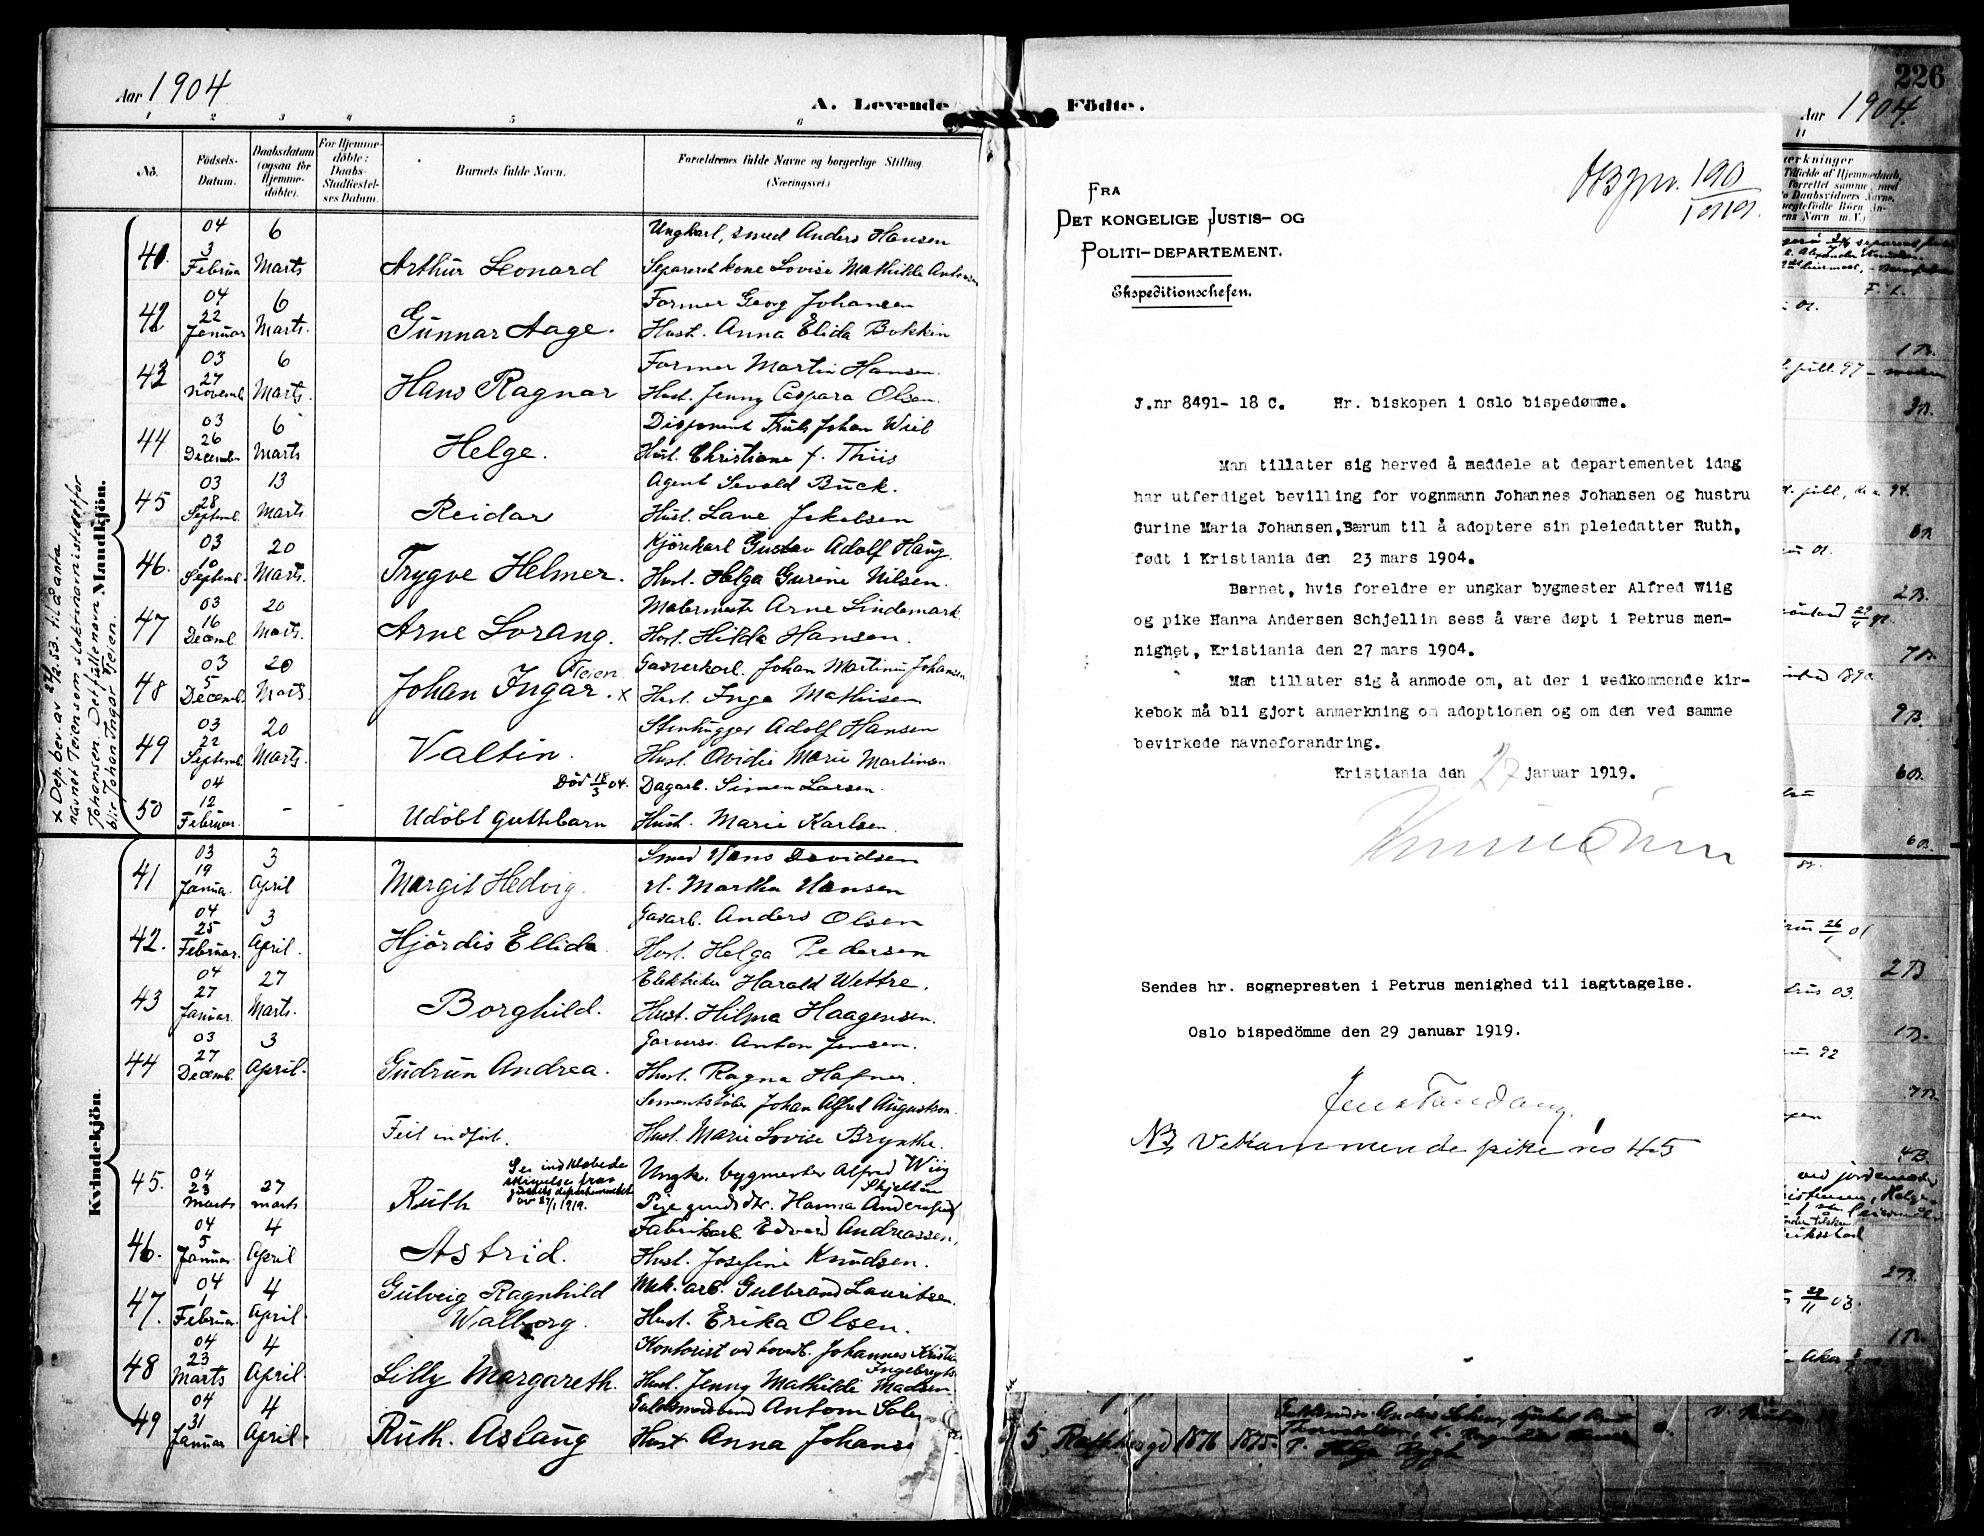 SAO, Petrus prestekontor Kirkebøker, F/Fa/L0008: Ministerialbok nr. 8, 1899-1909, s. 226